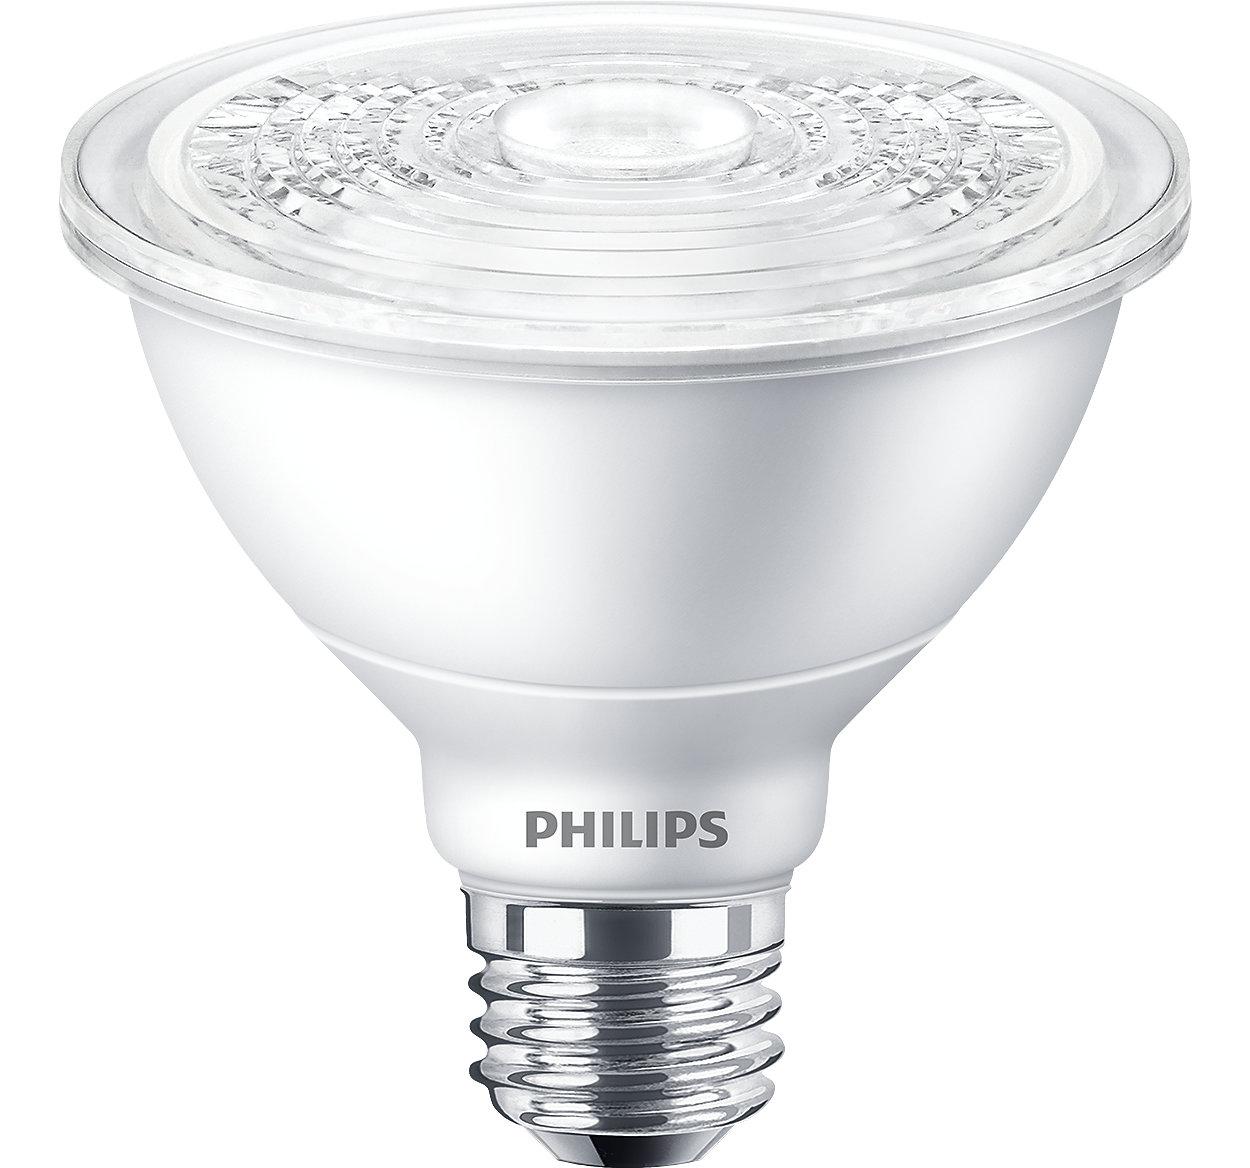 Todo lo que le gusta de un PAR30 halógeno con las ventajas de los LED. Haga que su mercancía o espacio se destaque sin ninguna distracción.